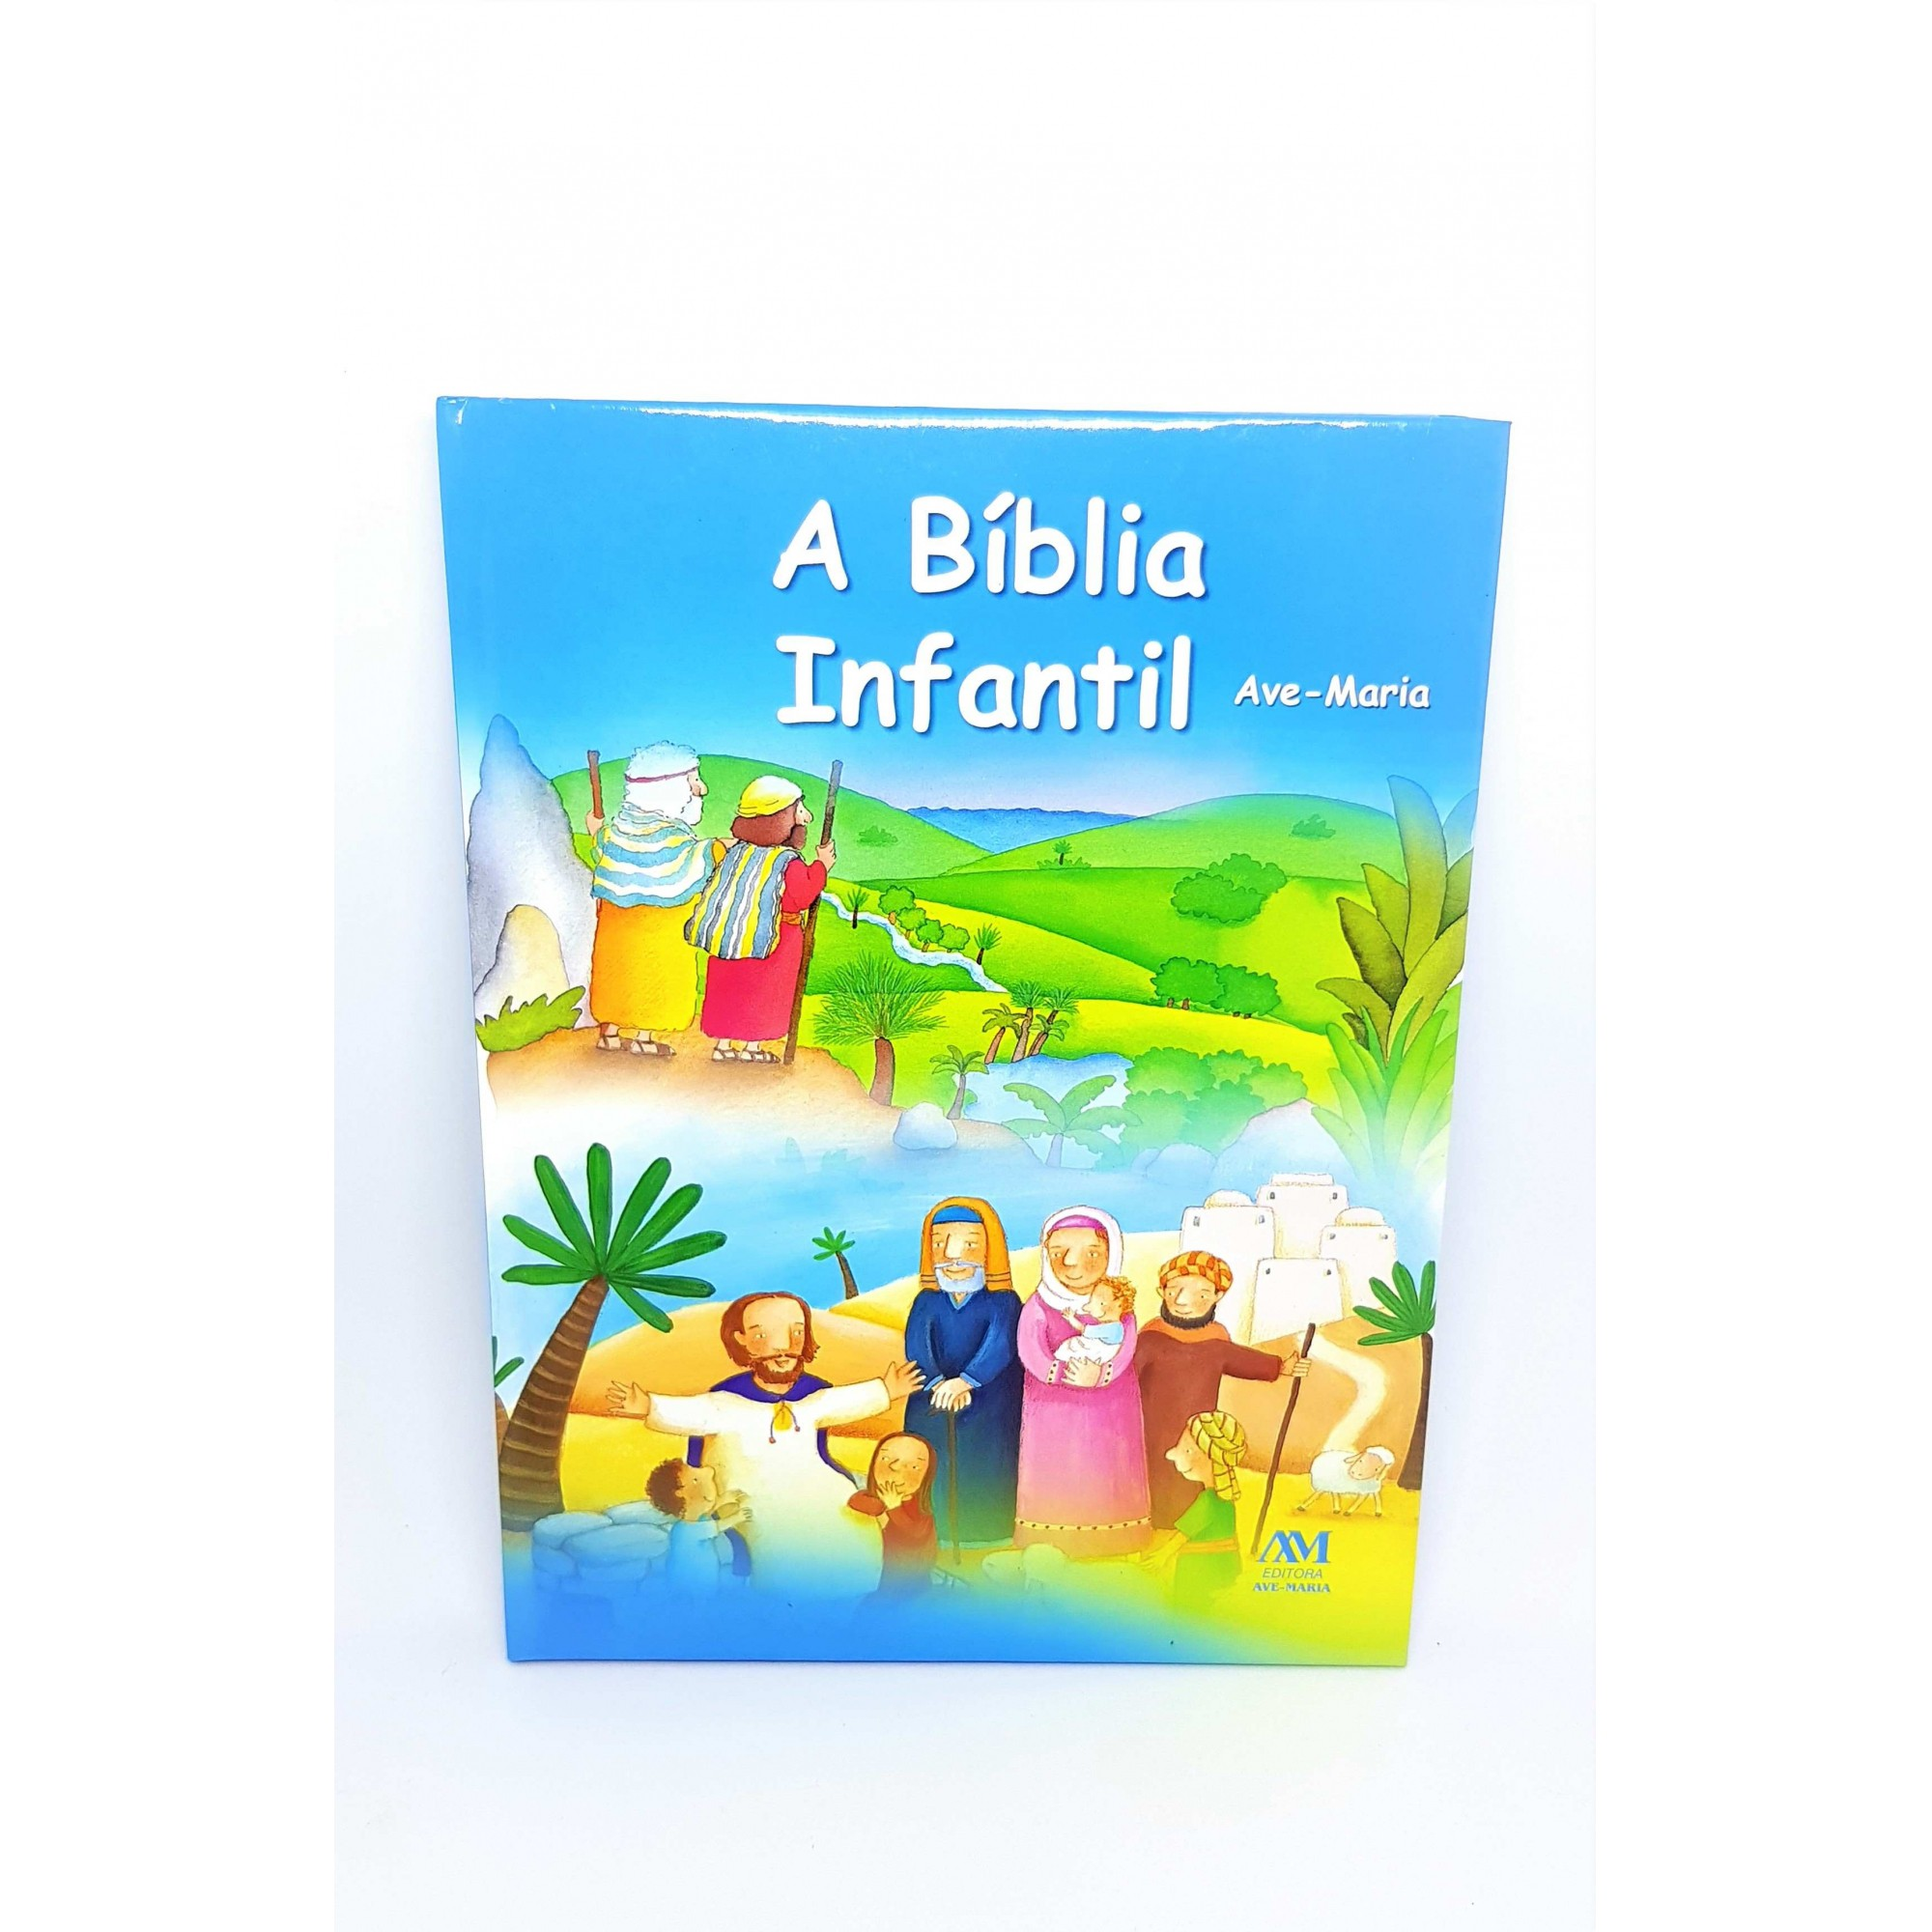 A Bíblia Infantil